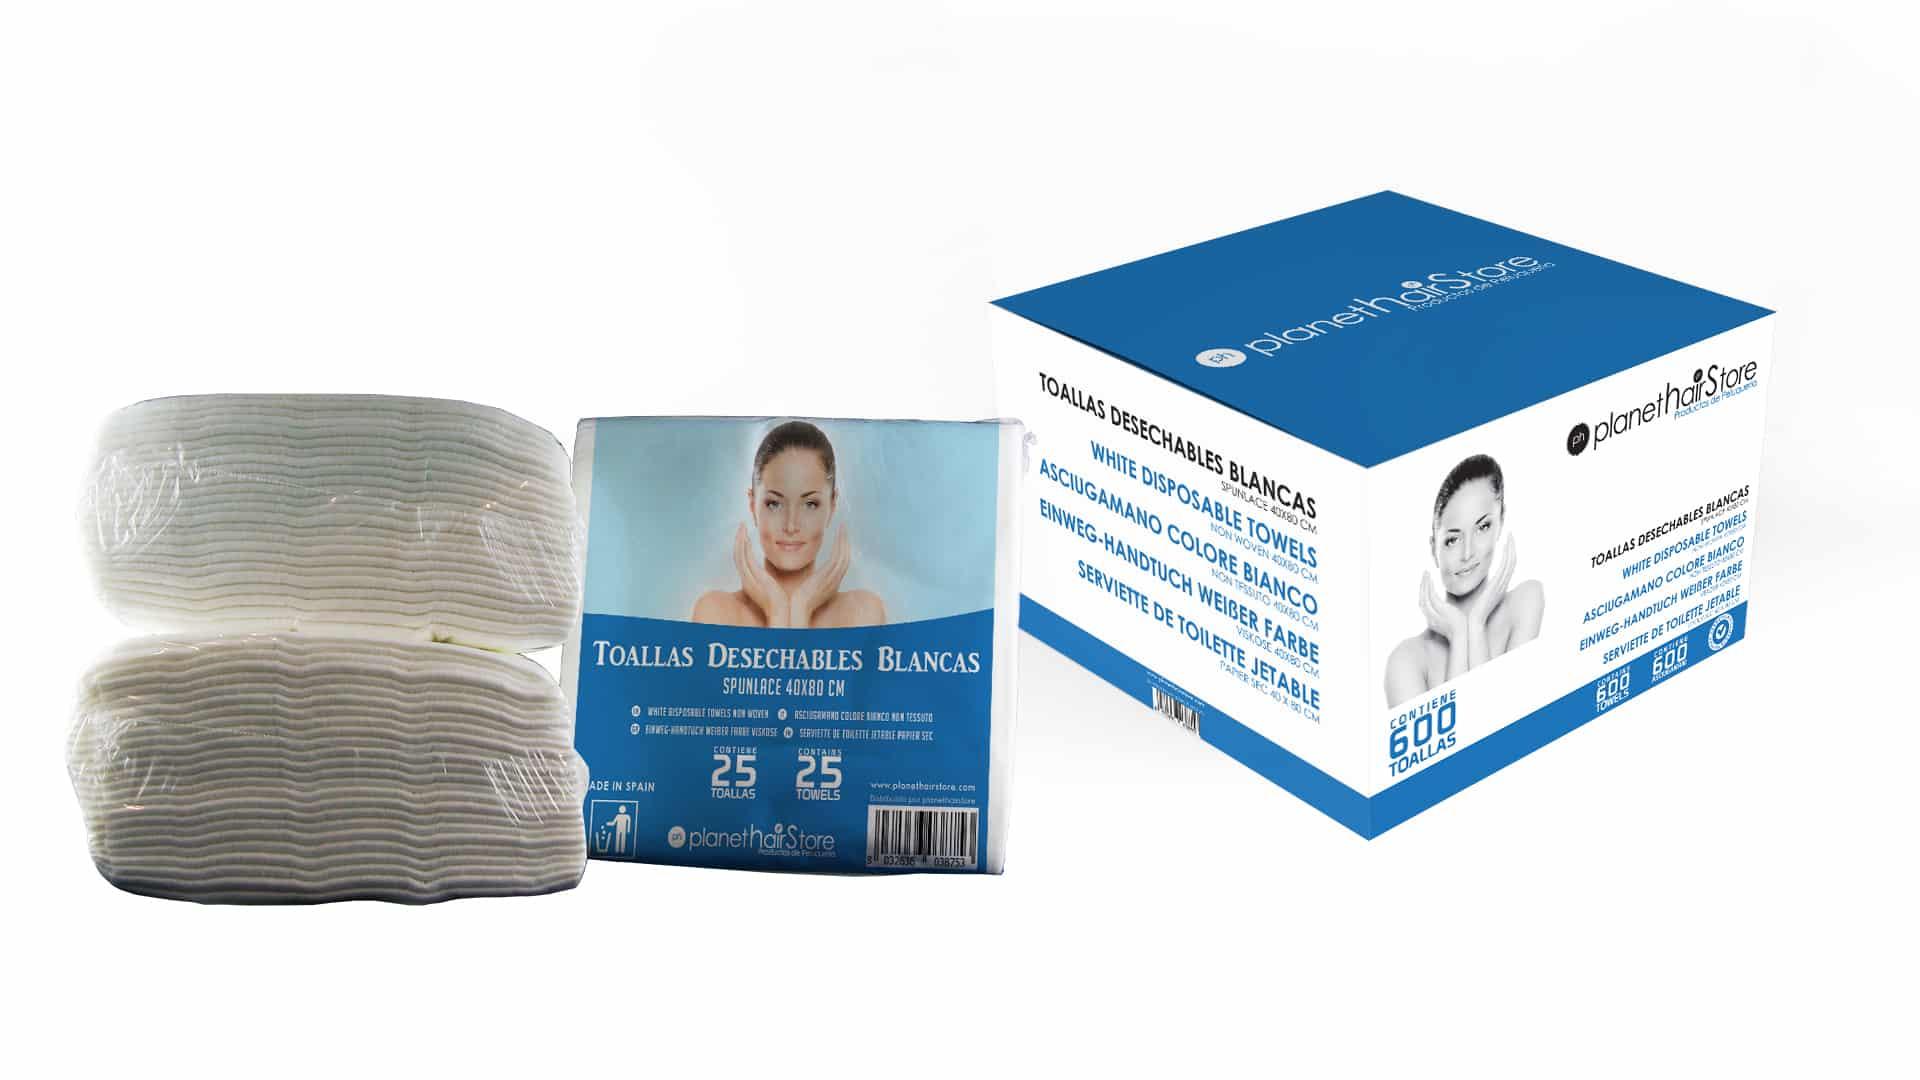 Toalla Desechable Spunlace 40x80 Blancas PlanetHair Store®